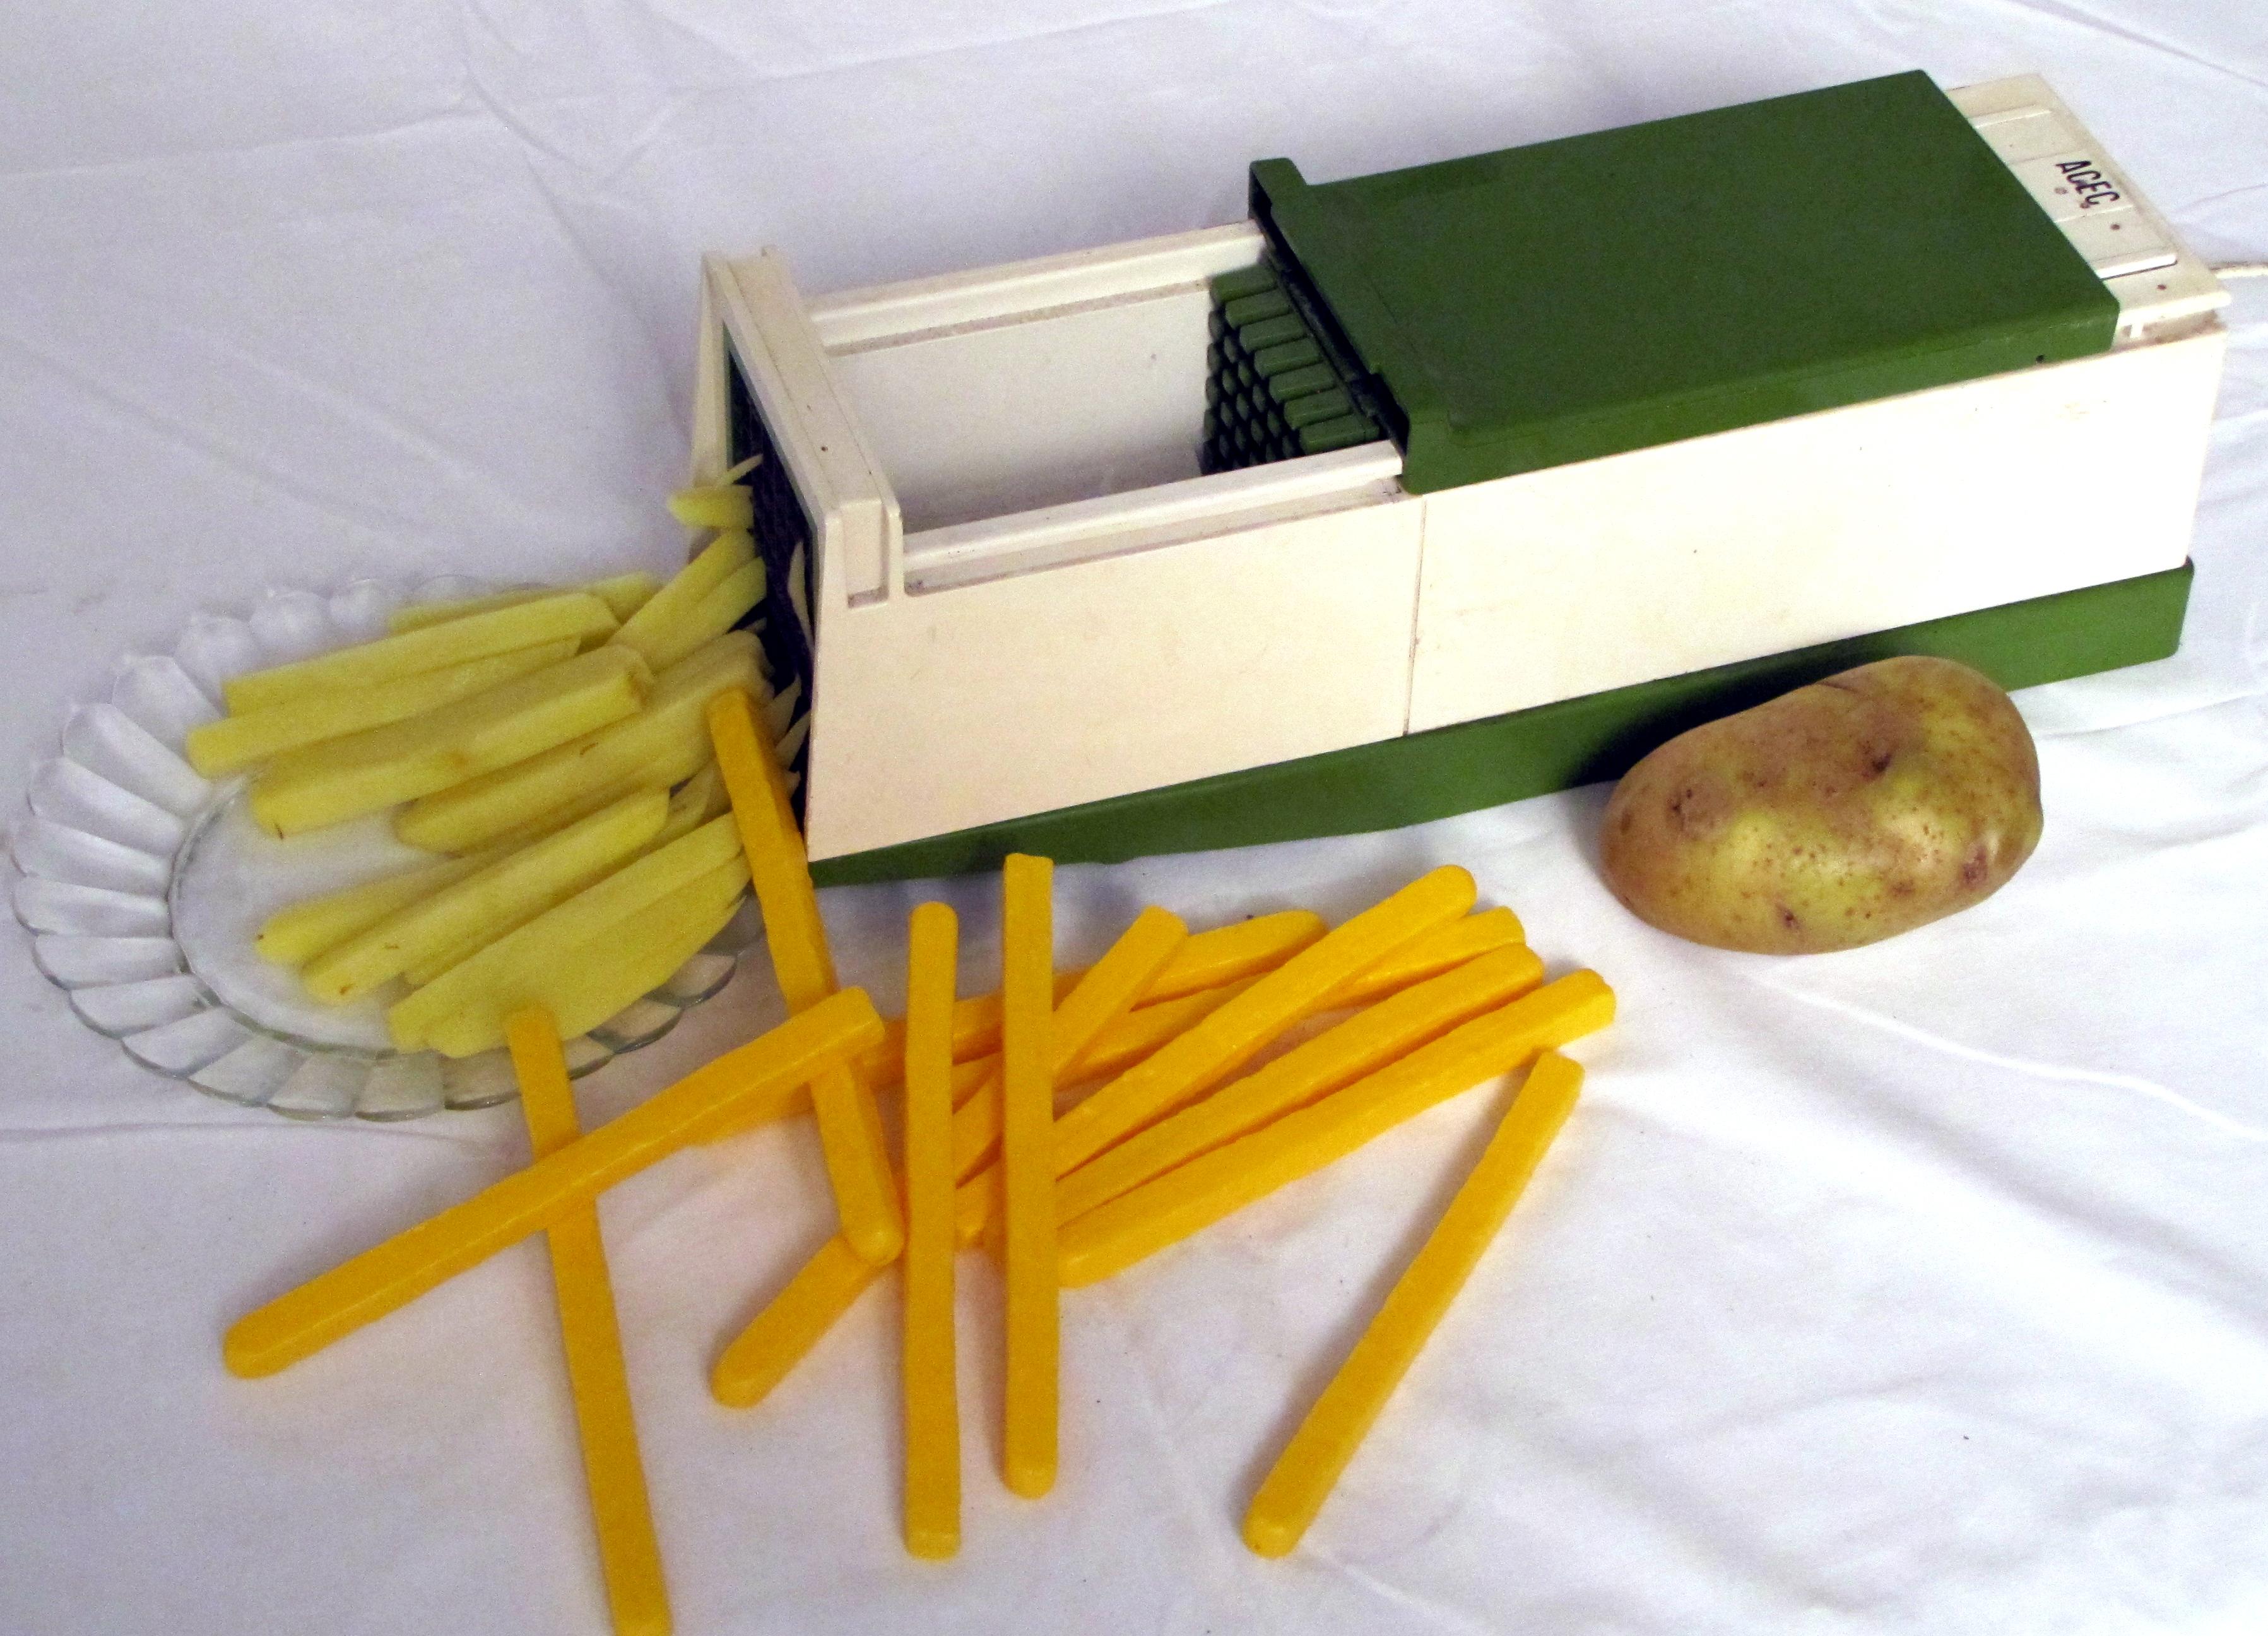 coupe frite electrique